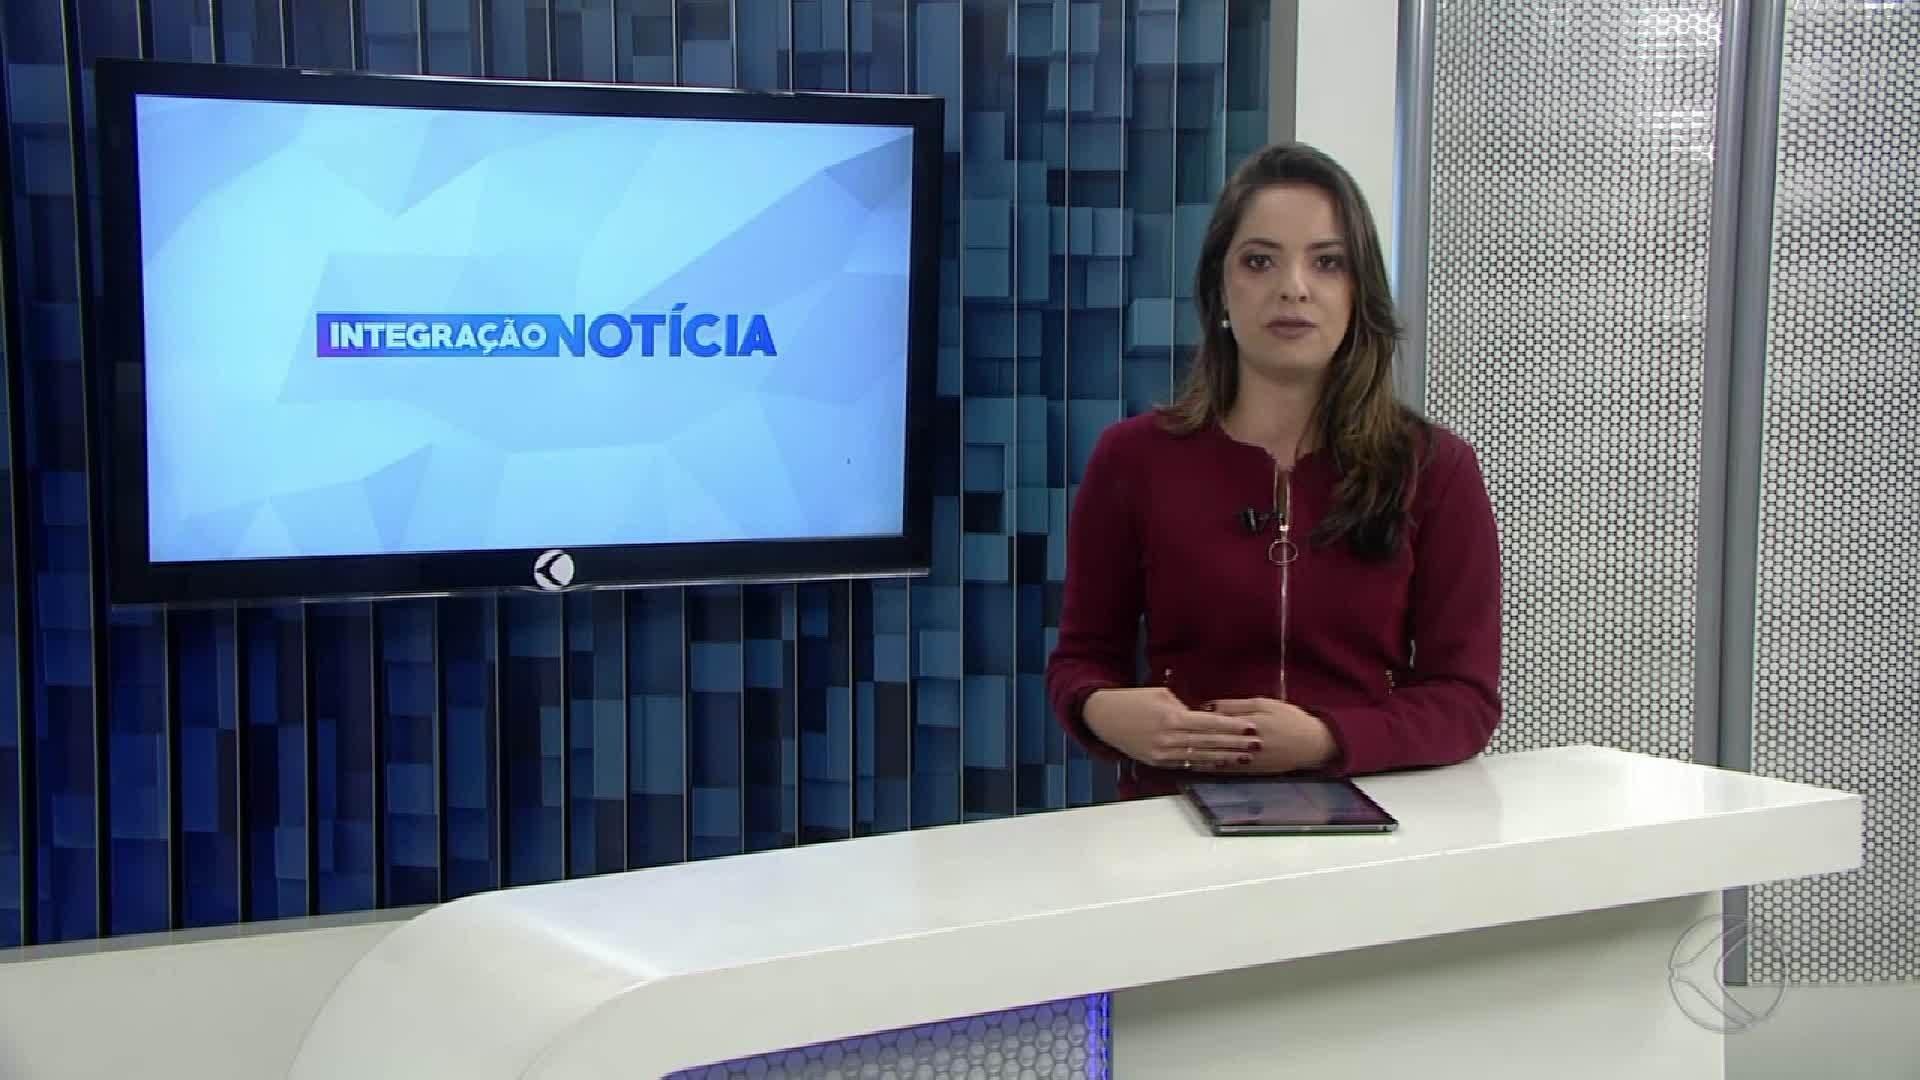 VÍDEOS: Integração Notícia Zona da Mata de segunda-feira, 23 de abril